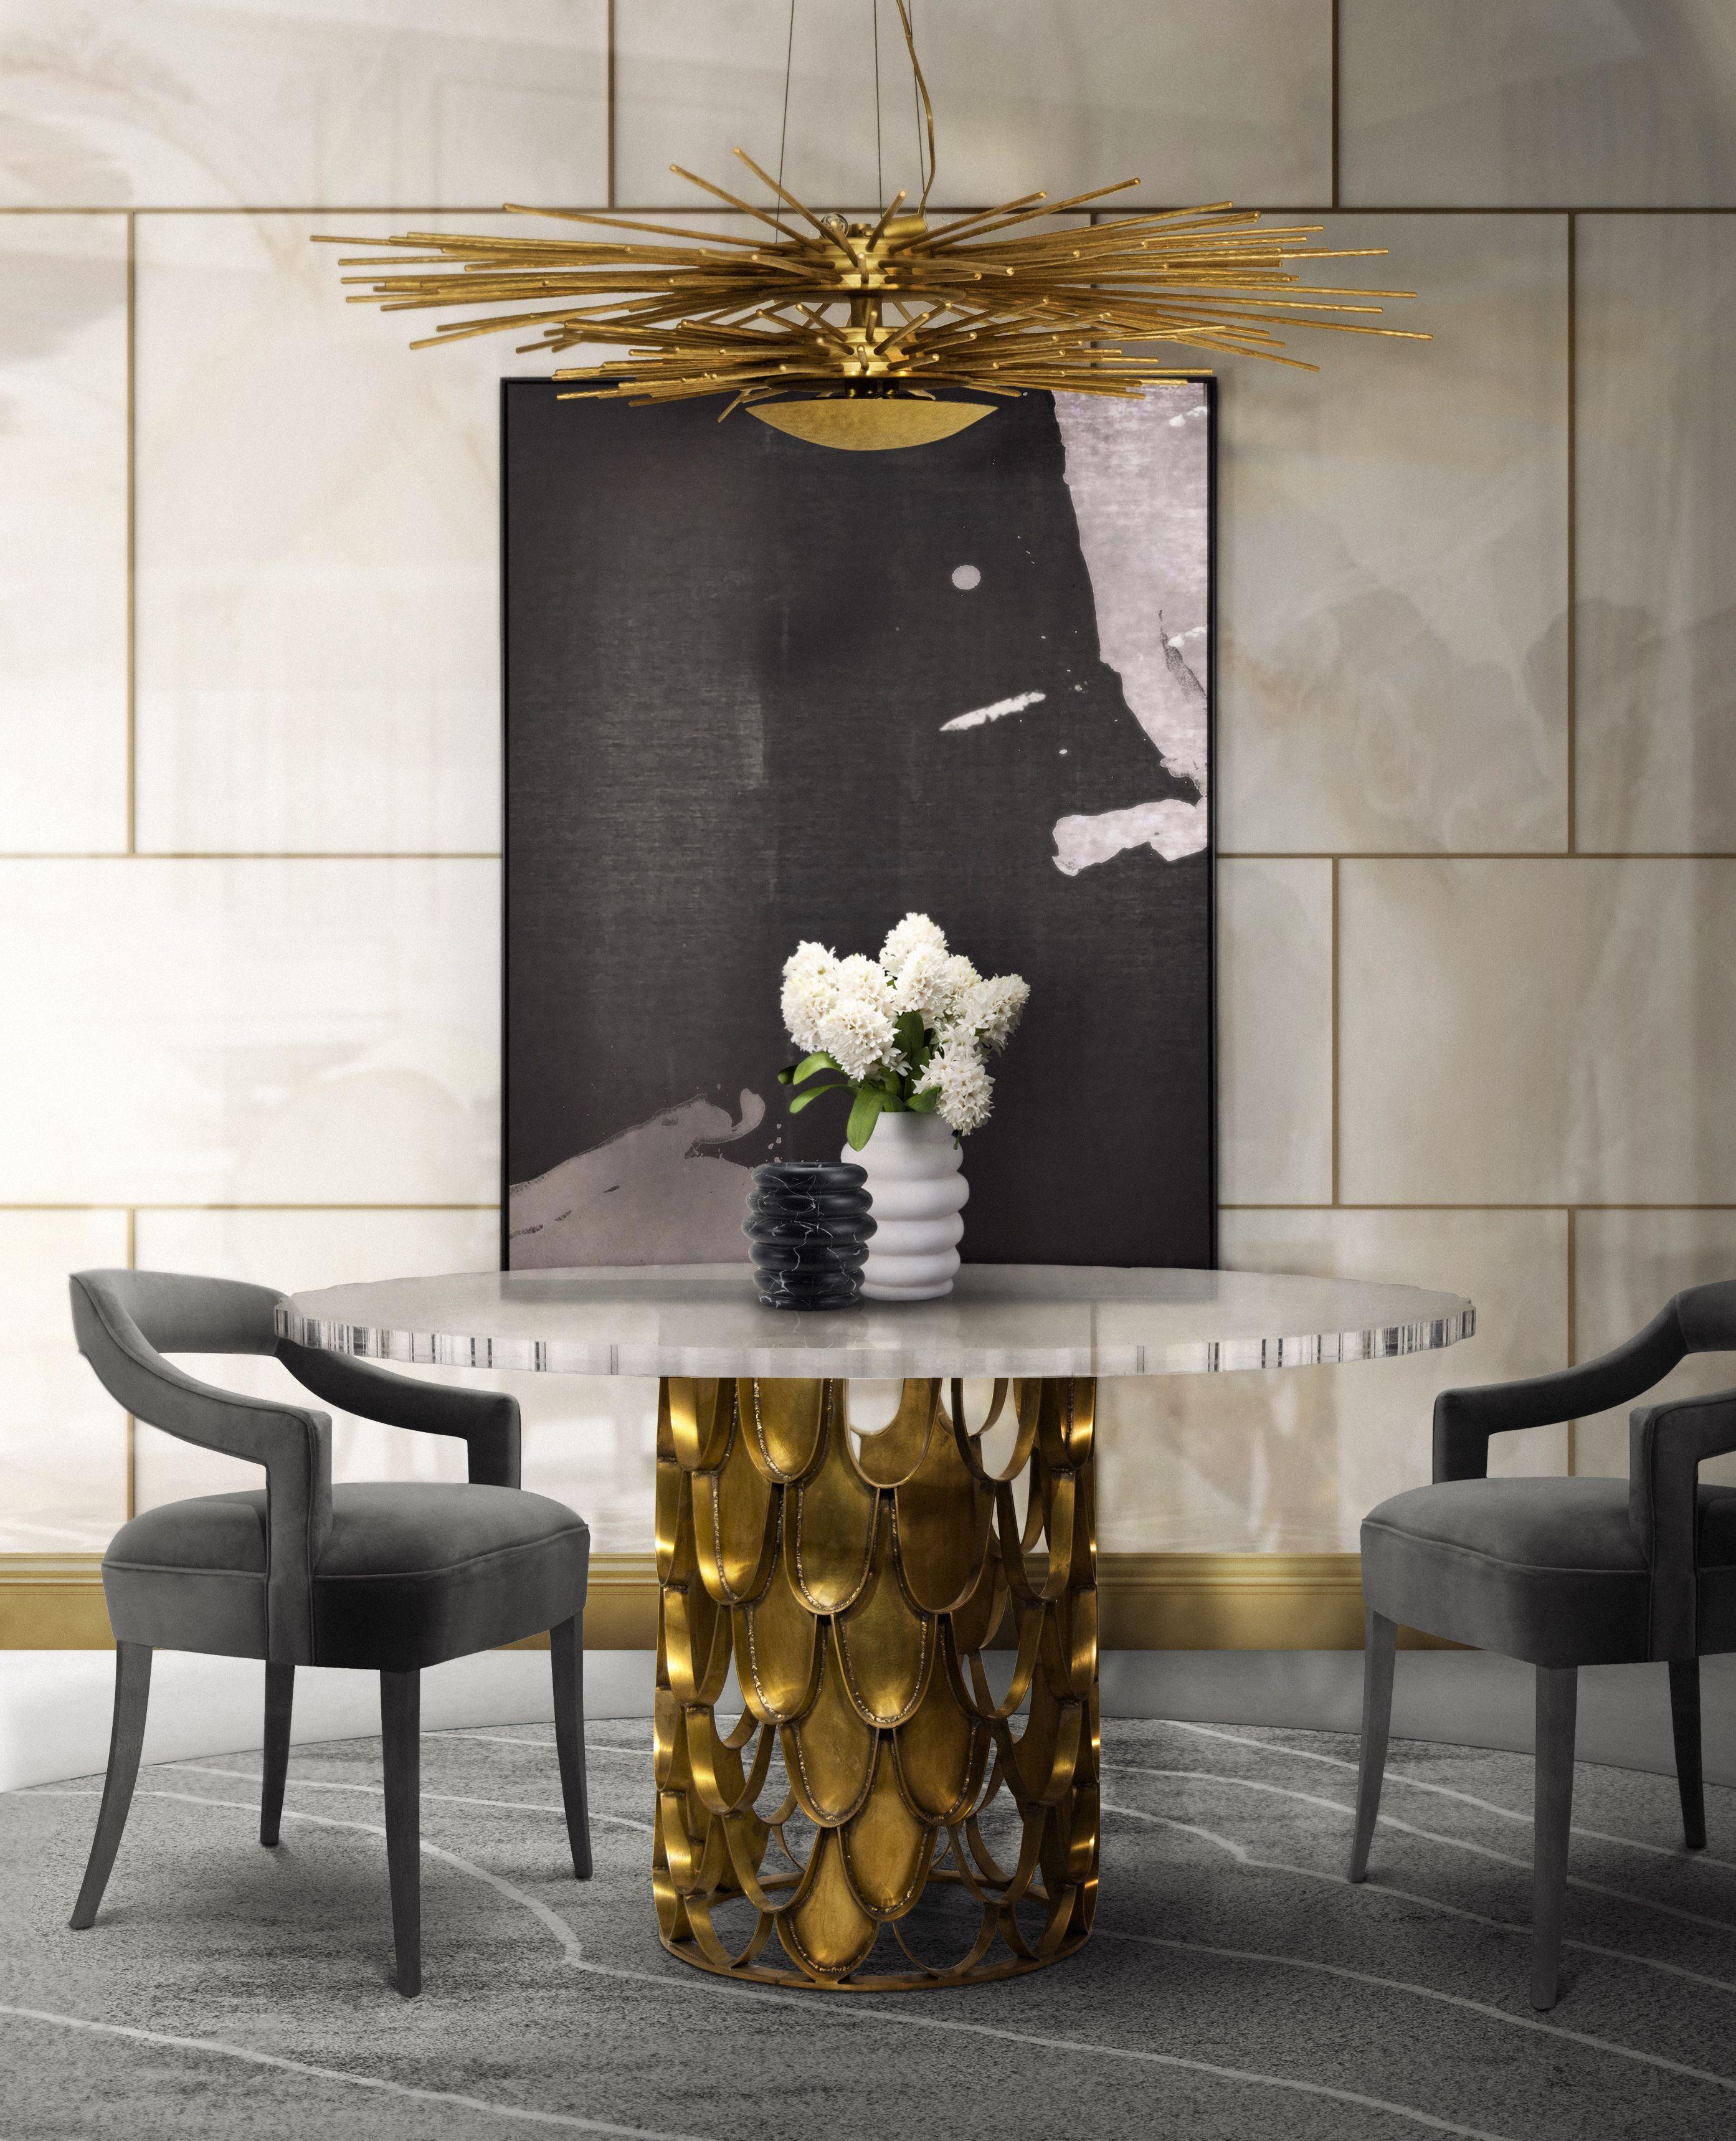 Erstaunliche Messing Tische Für Das Perfekte Wohndesign | Samt Polsterei |  Messing Möbel | BRABBU Inspirationen